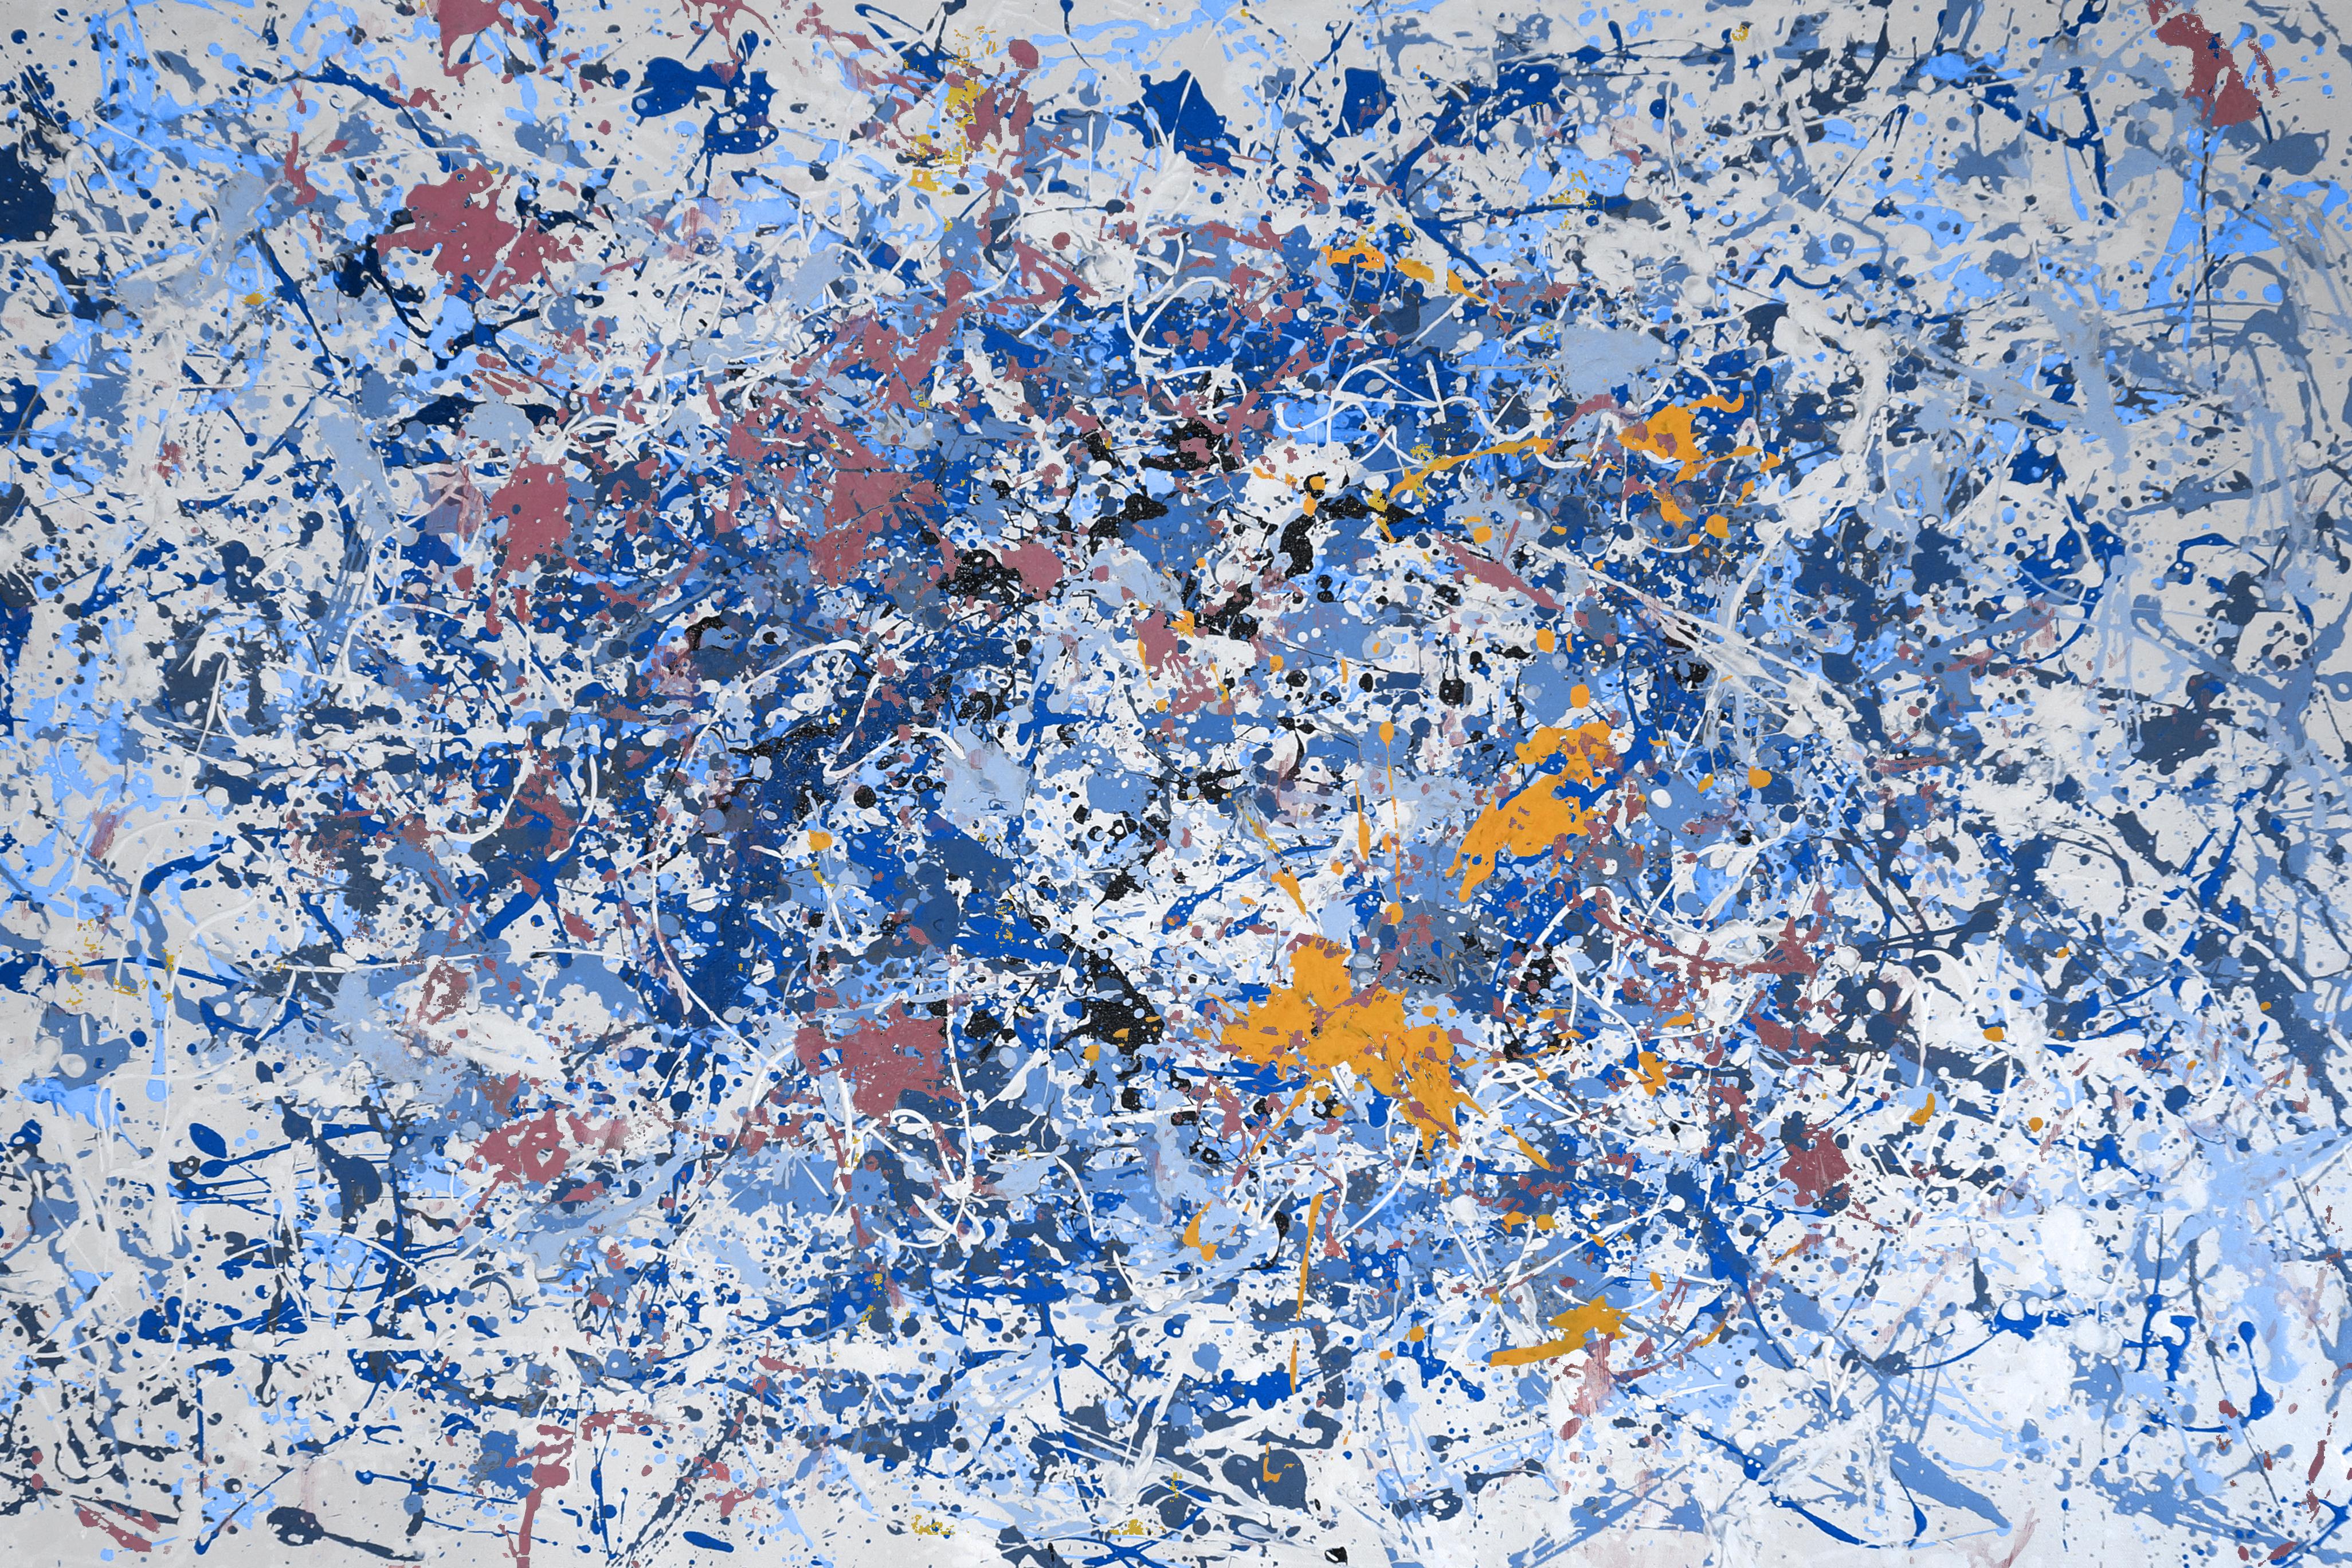 Blueness schilderij abstract kunstwerk EA-BN01